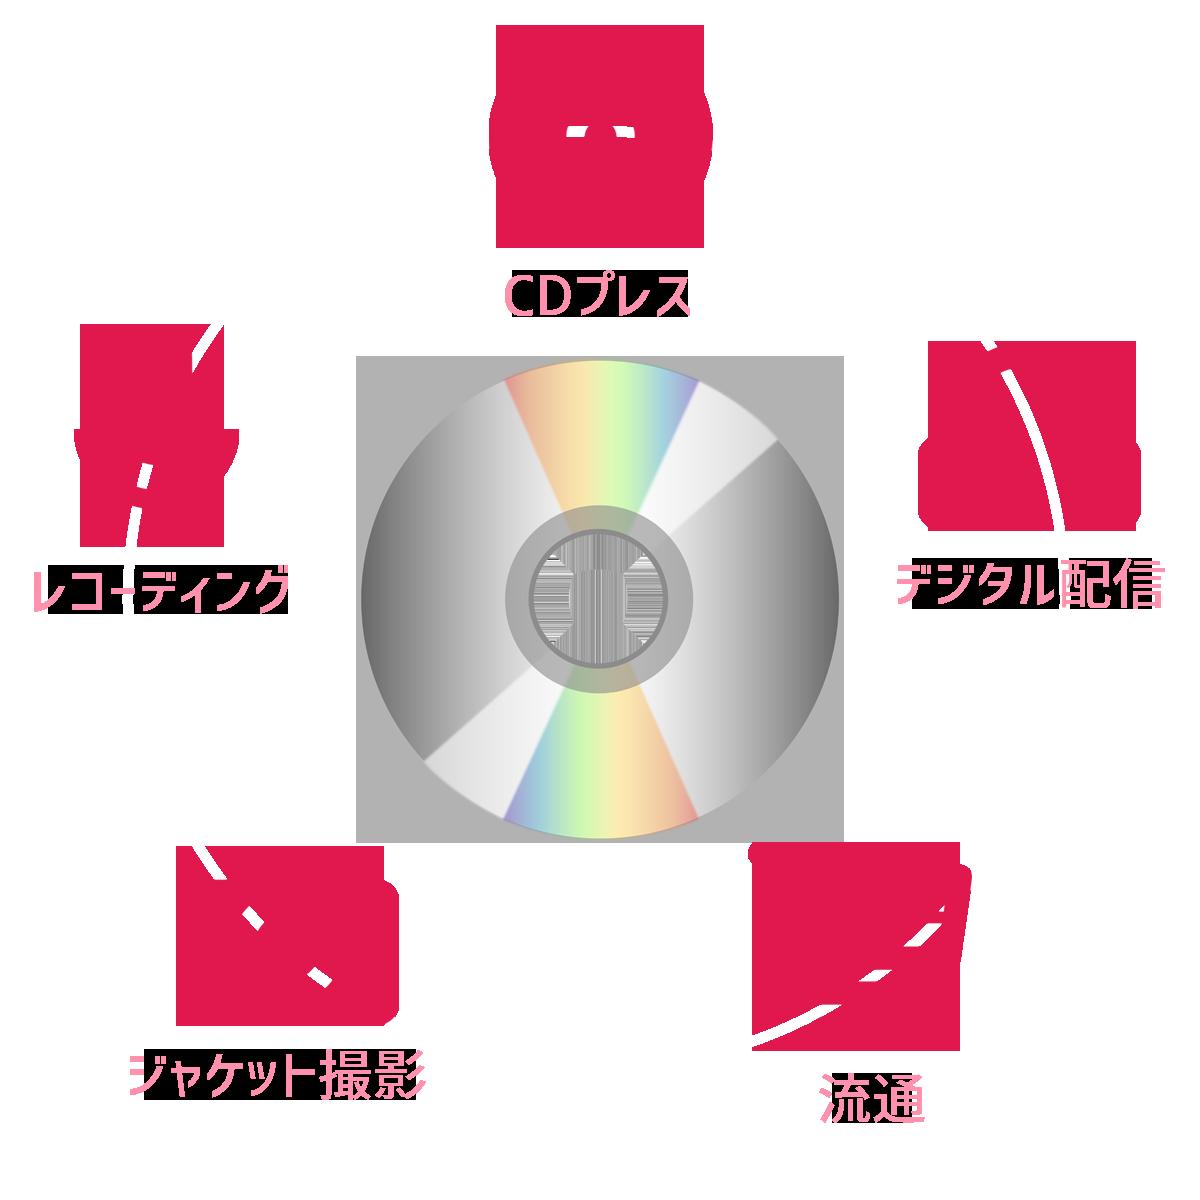 CDデビューしたい!